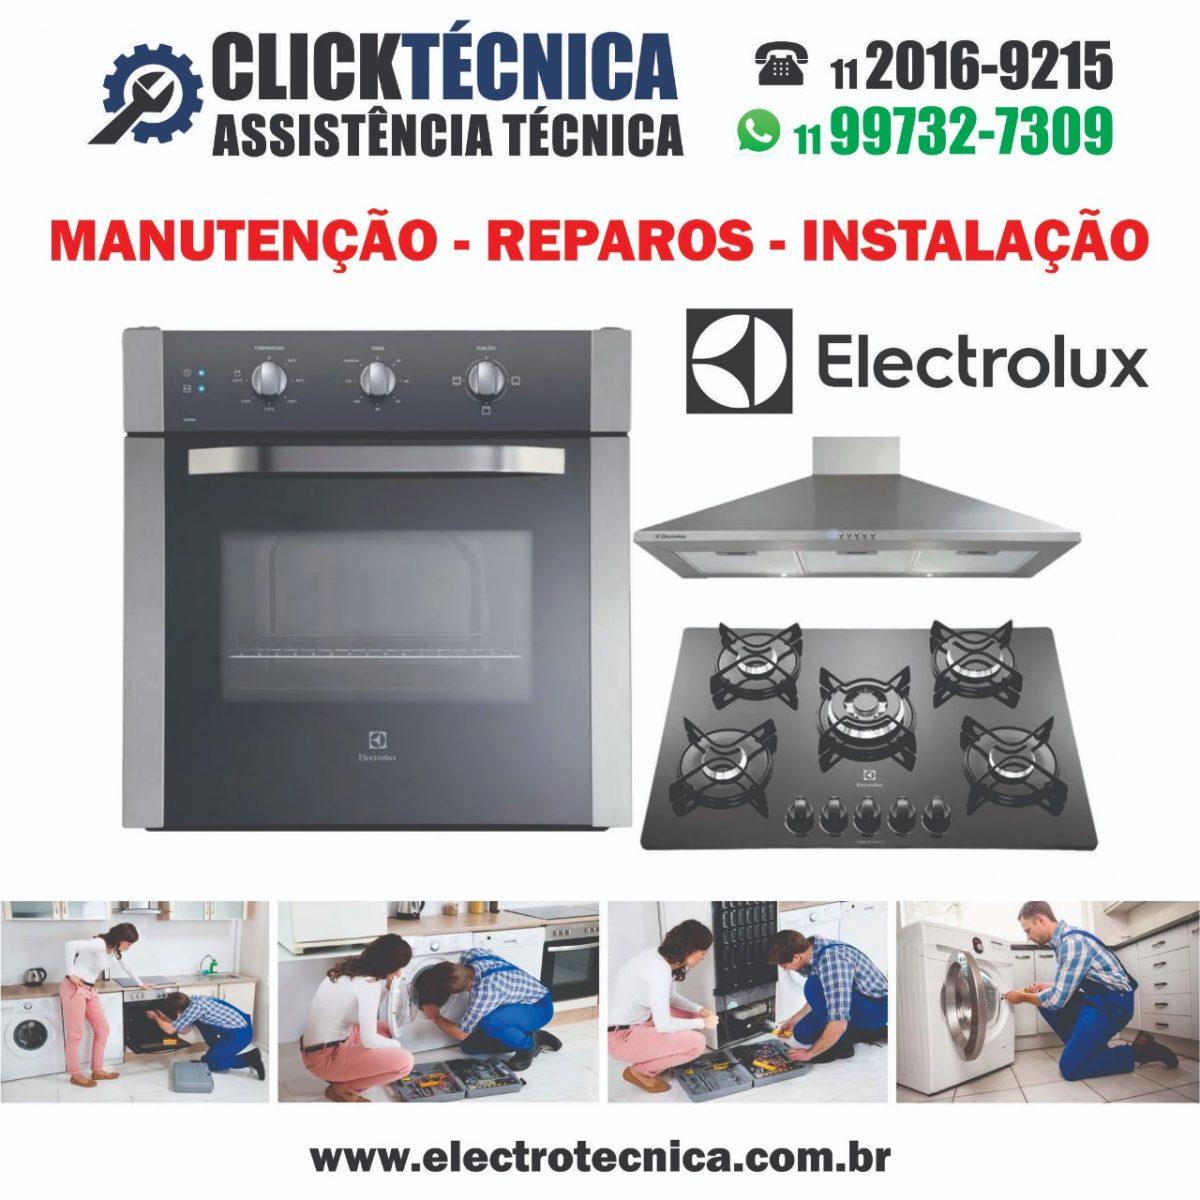 anuncio-click-tecnica